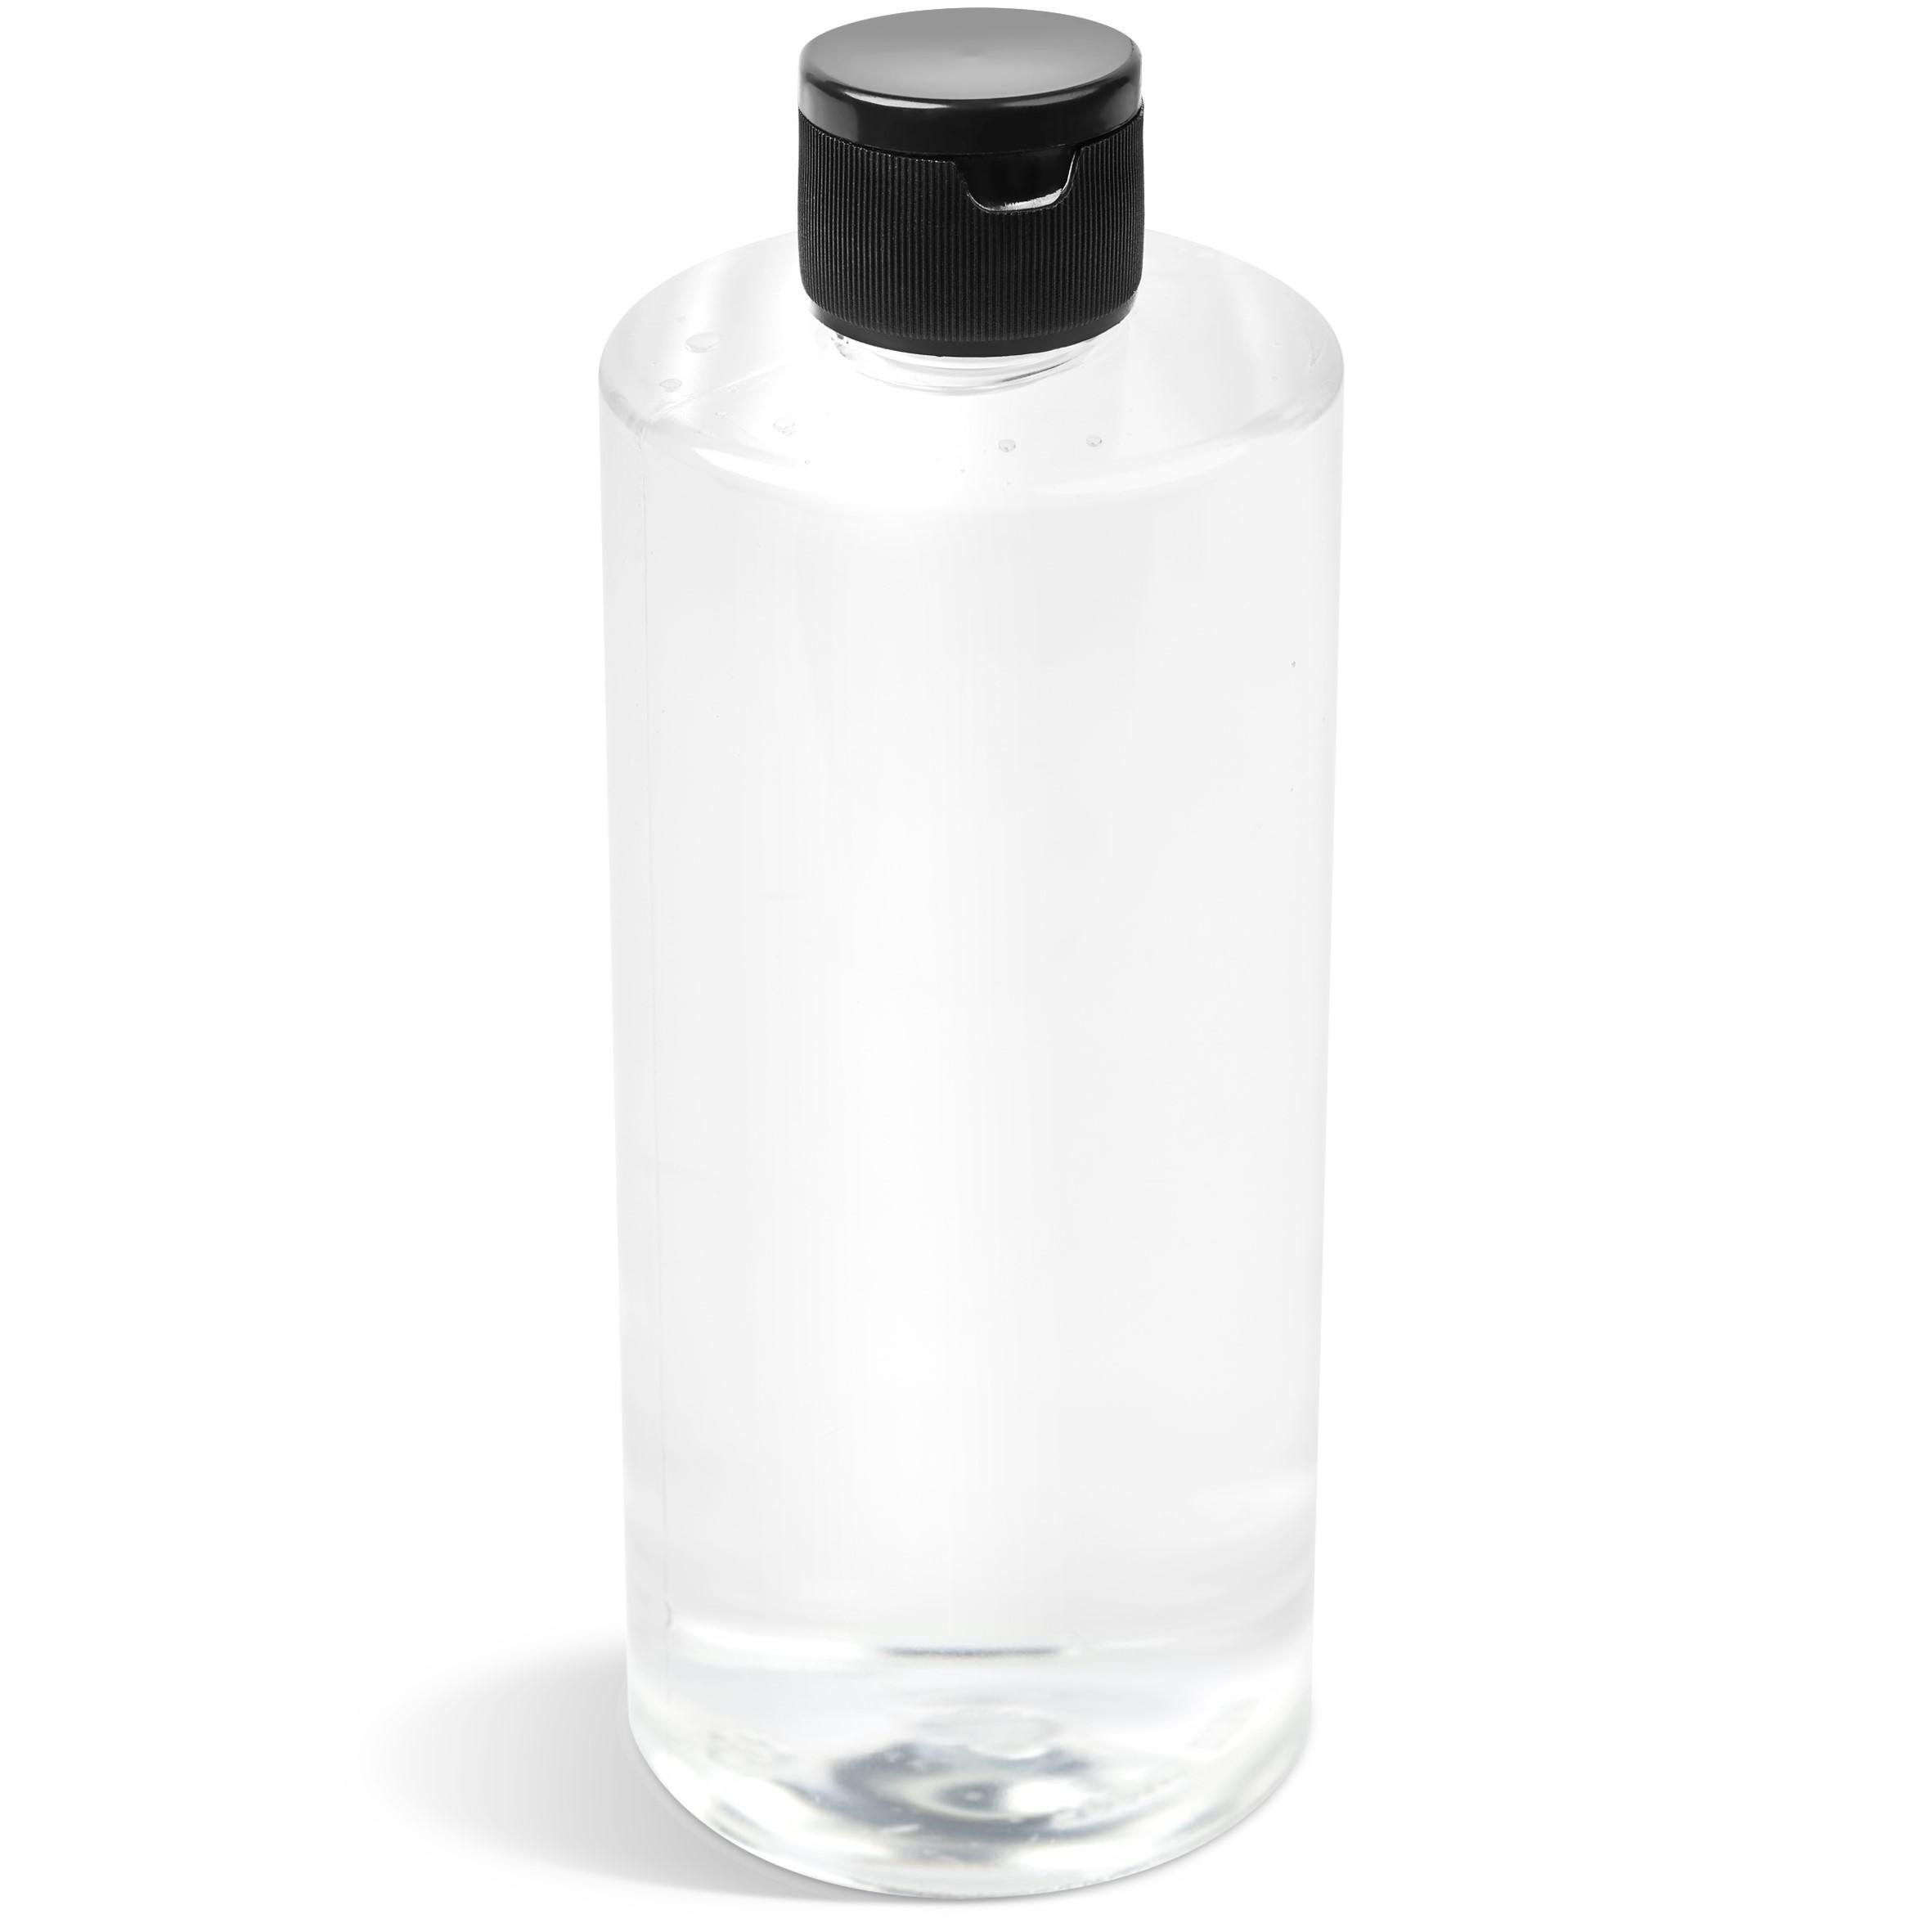 Mabel Liquid Hand Sanitiser - 500ml